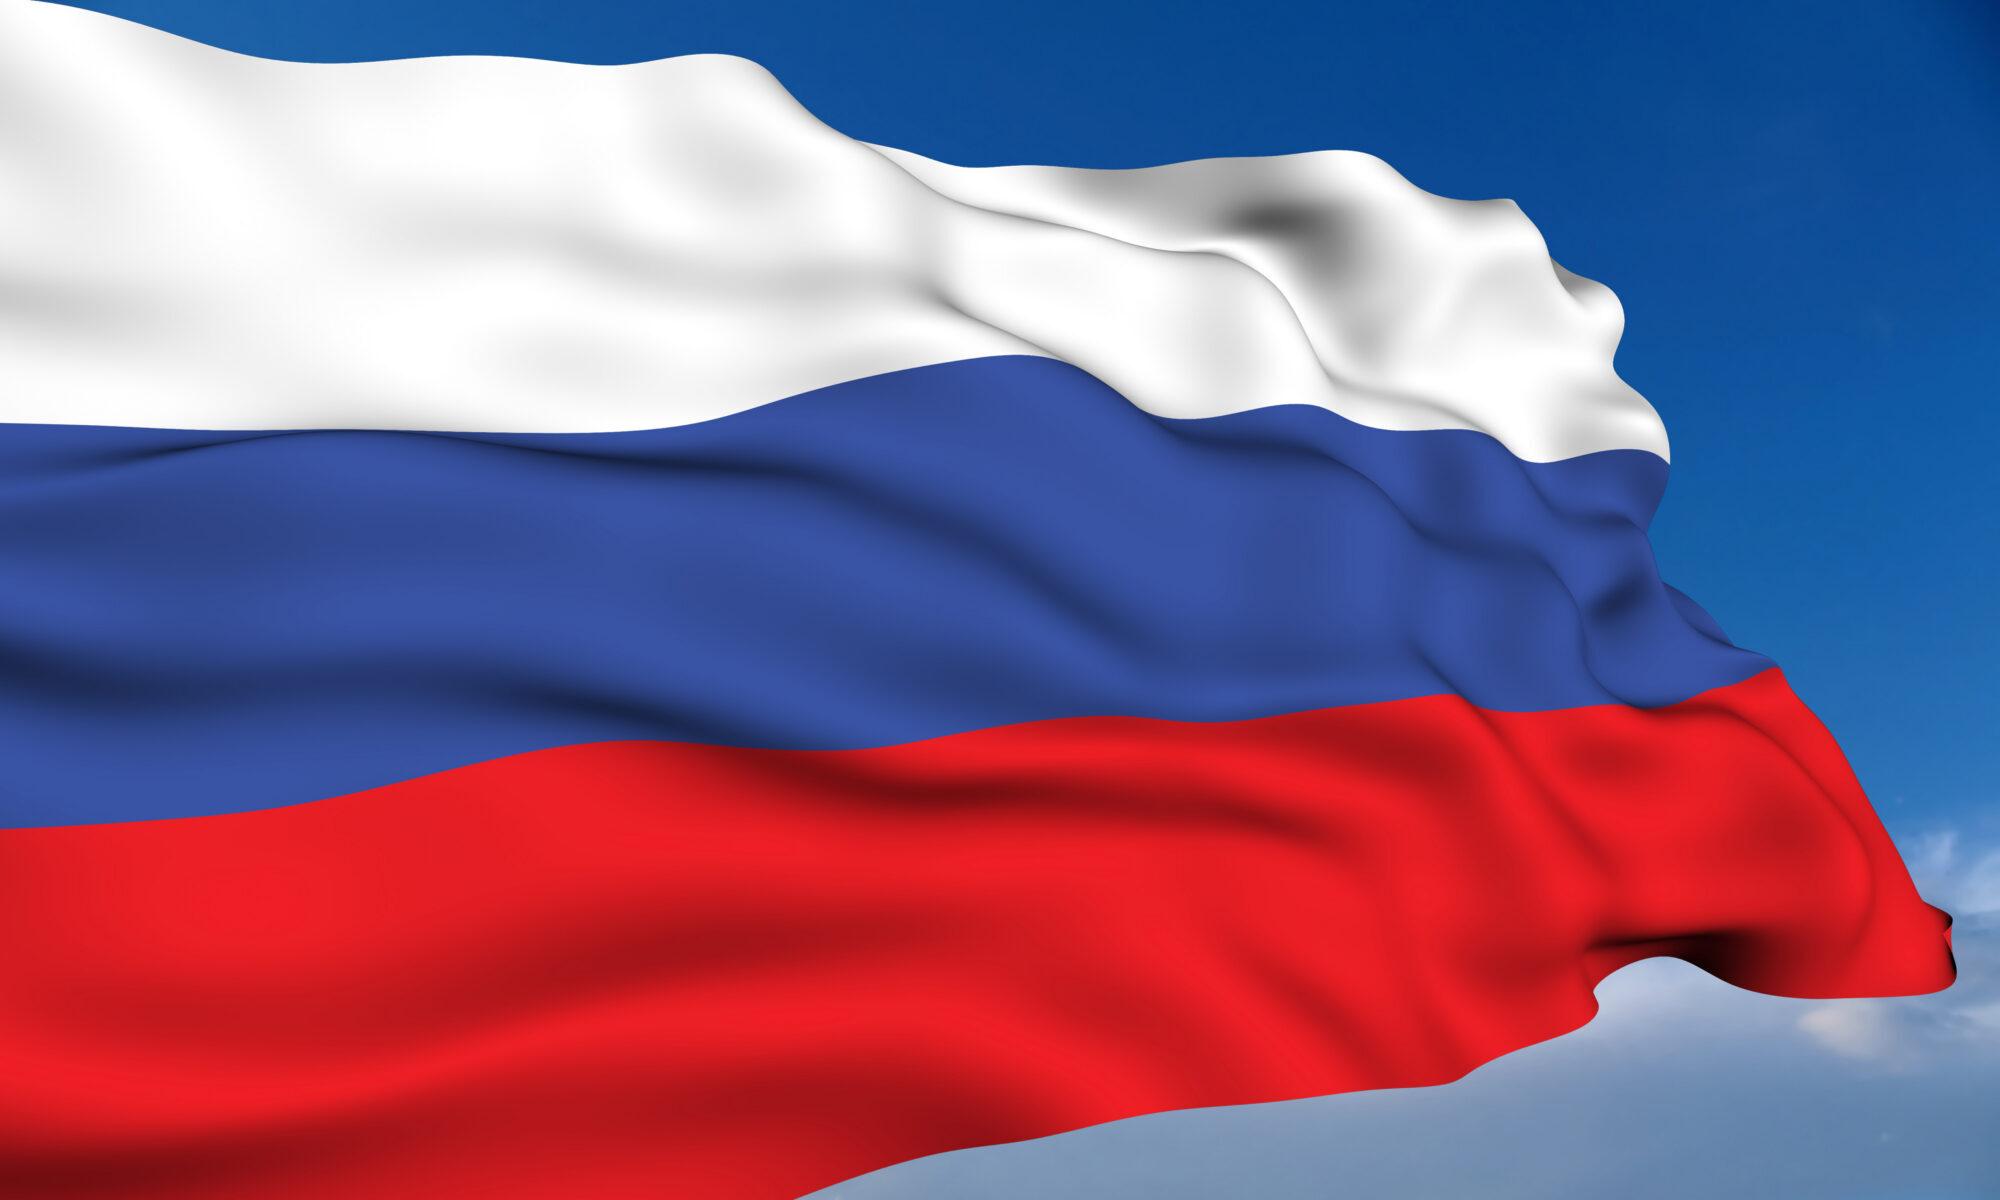 Выборы 2021 года в России. Единый день голосования 19 сентября 2021 года